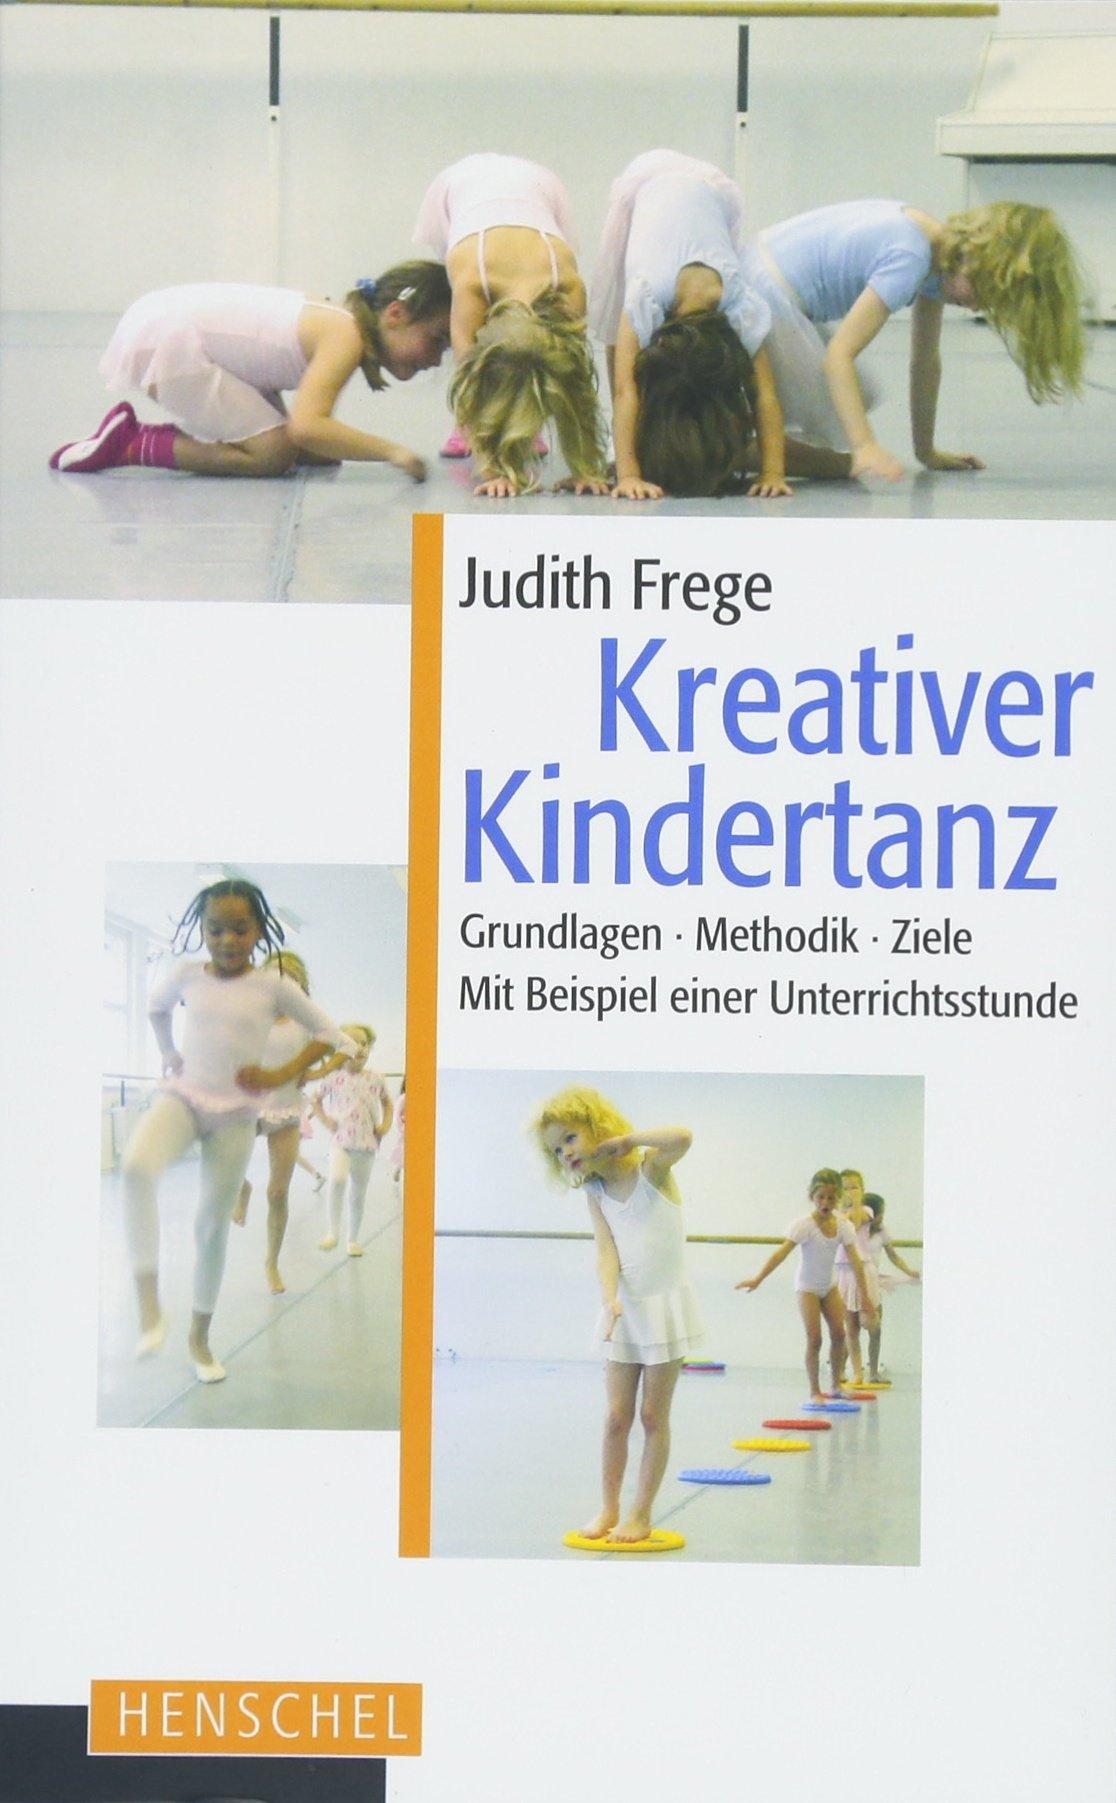 Kreativer Kindertanz: Grundlagen, Methodik, Ziele. Mit Beispielen ...